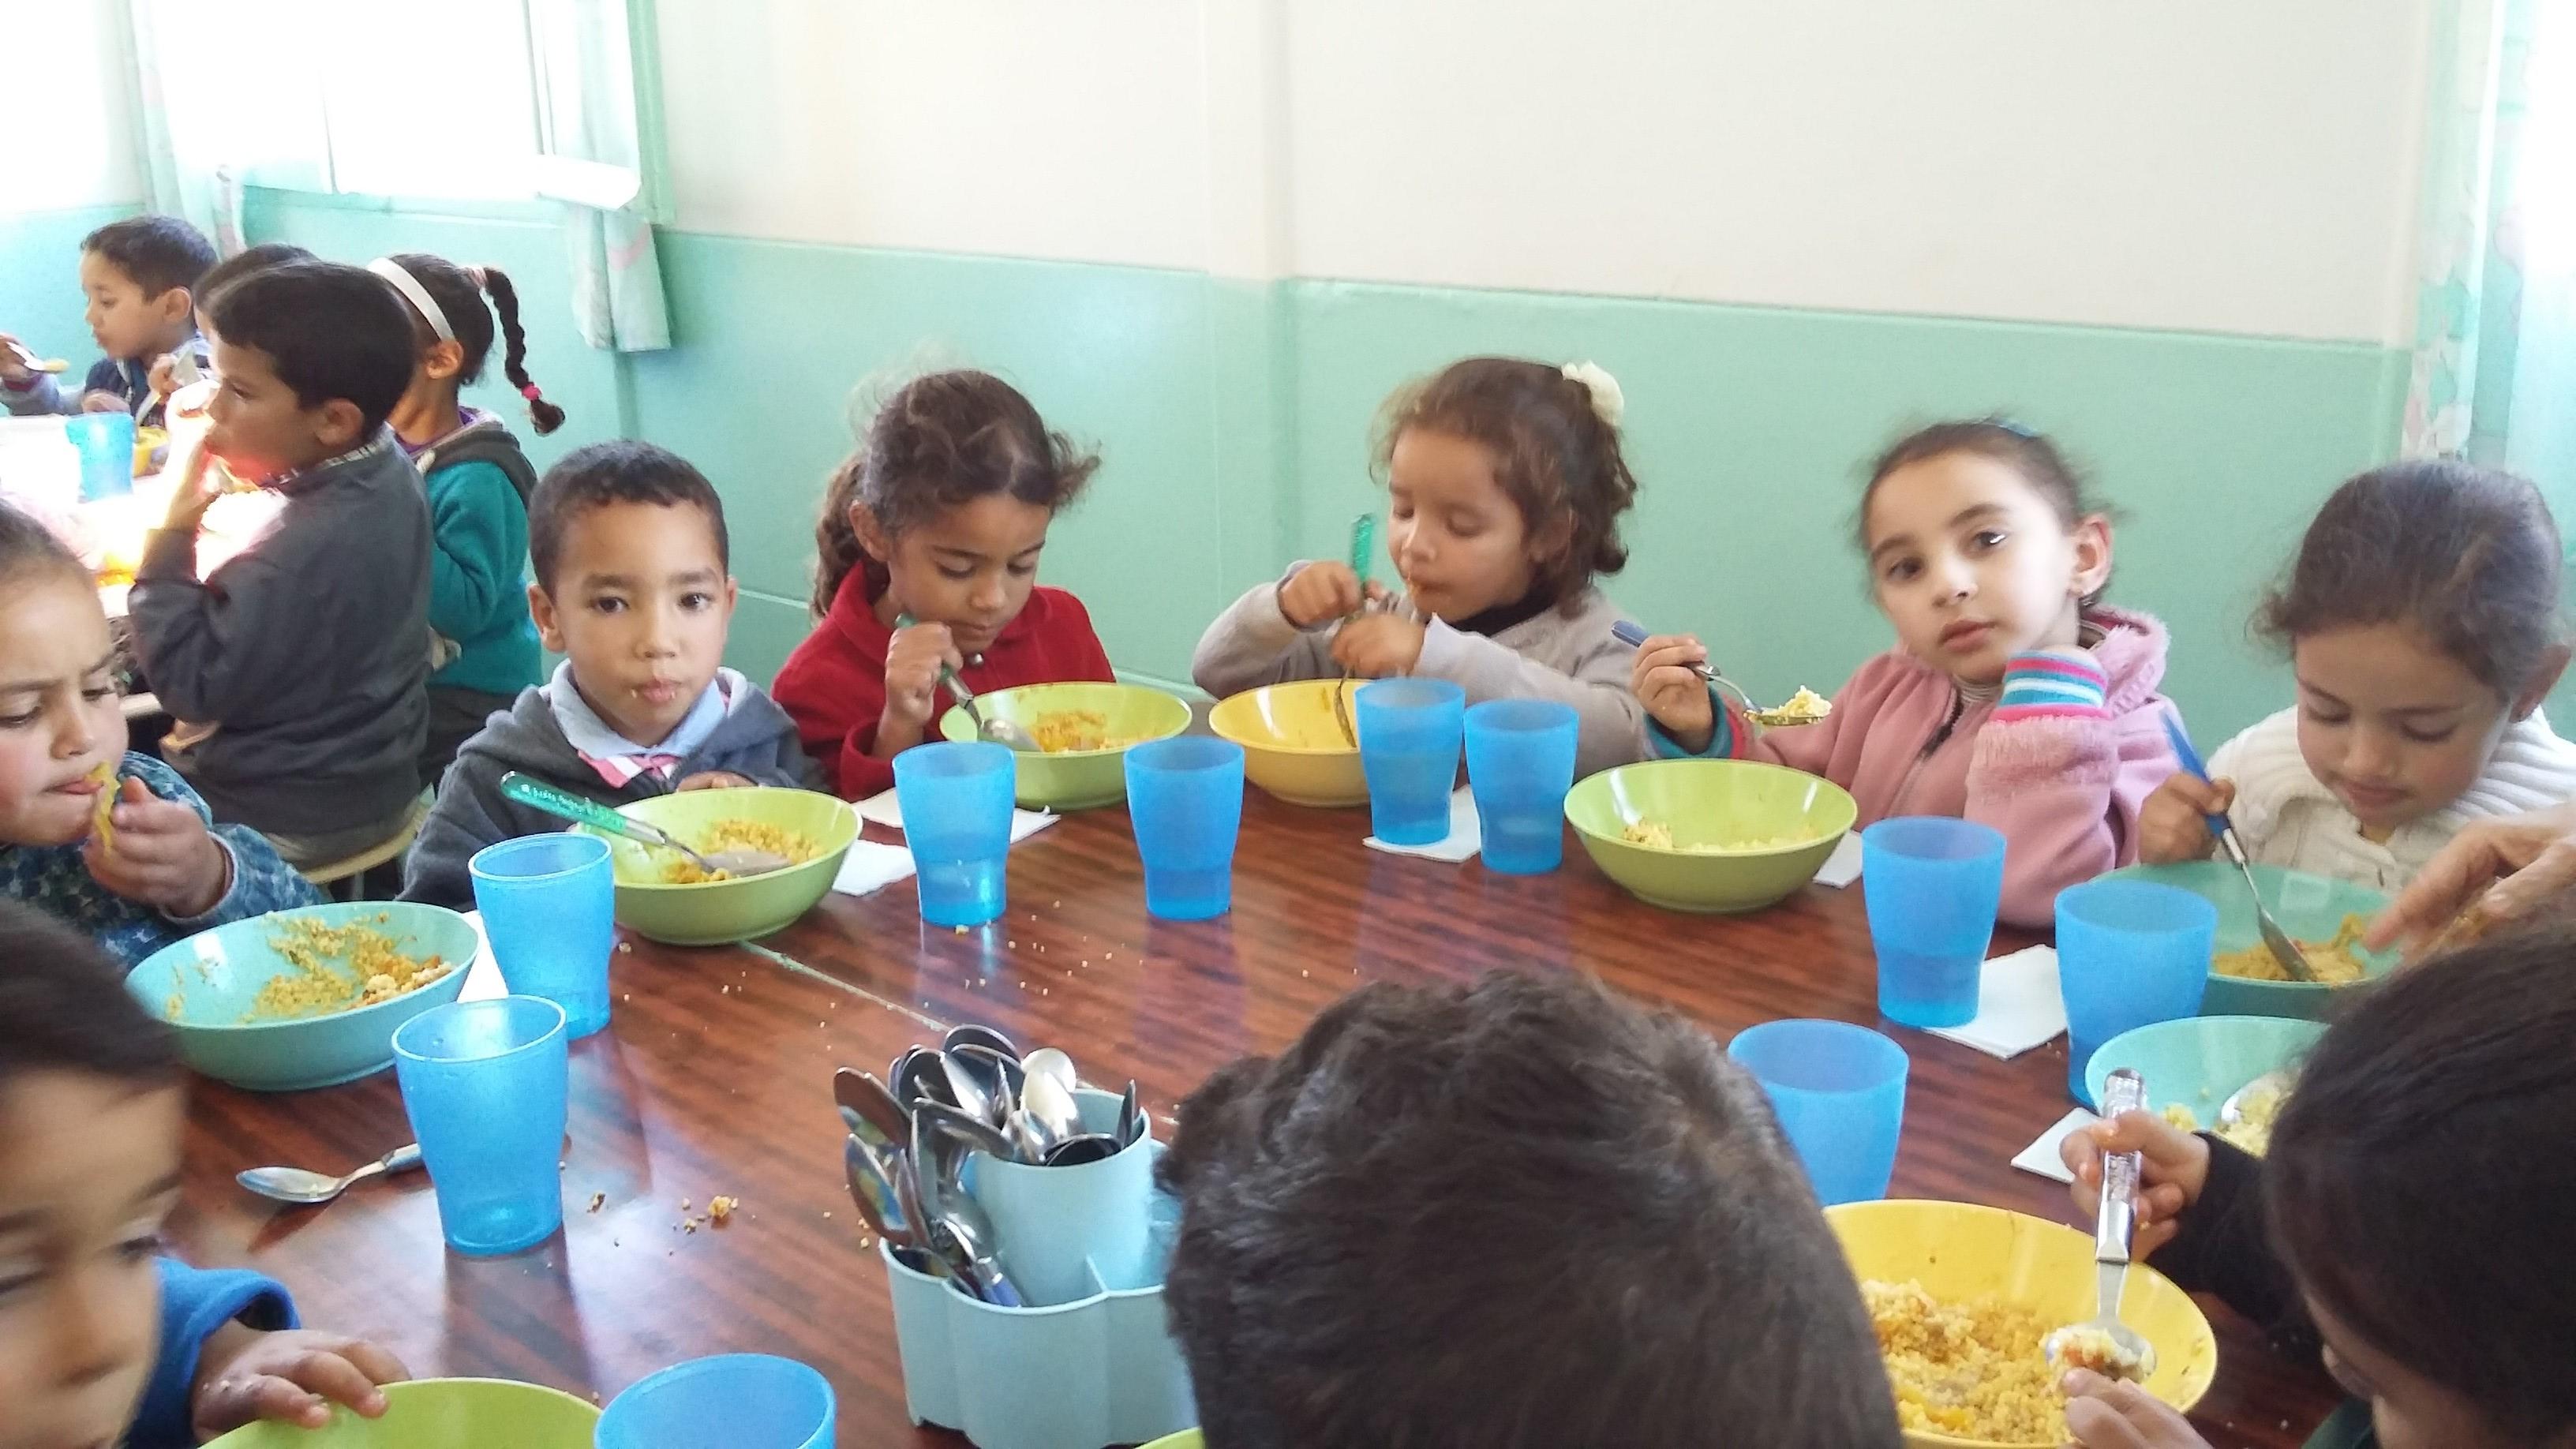 Apoyo a las necesidades básicas: Seguridad alimentaria y Salud a 150 menores